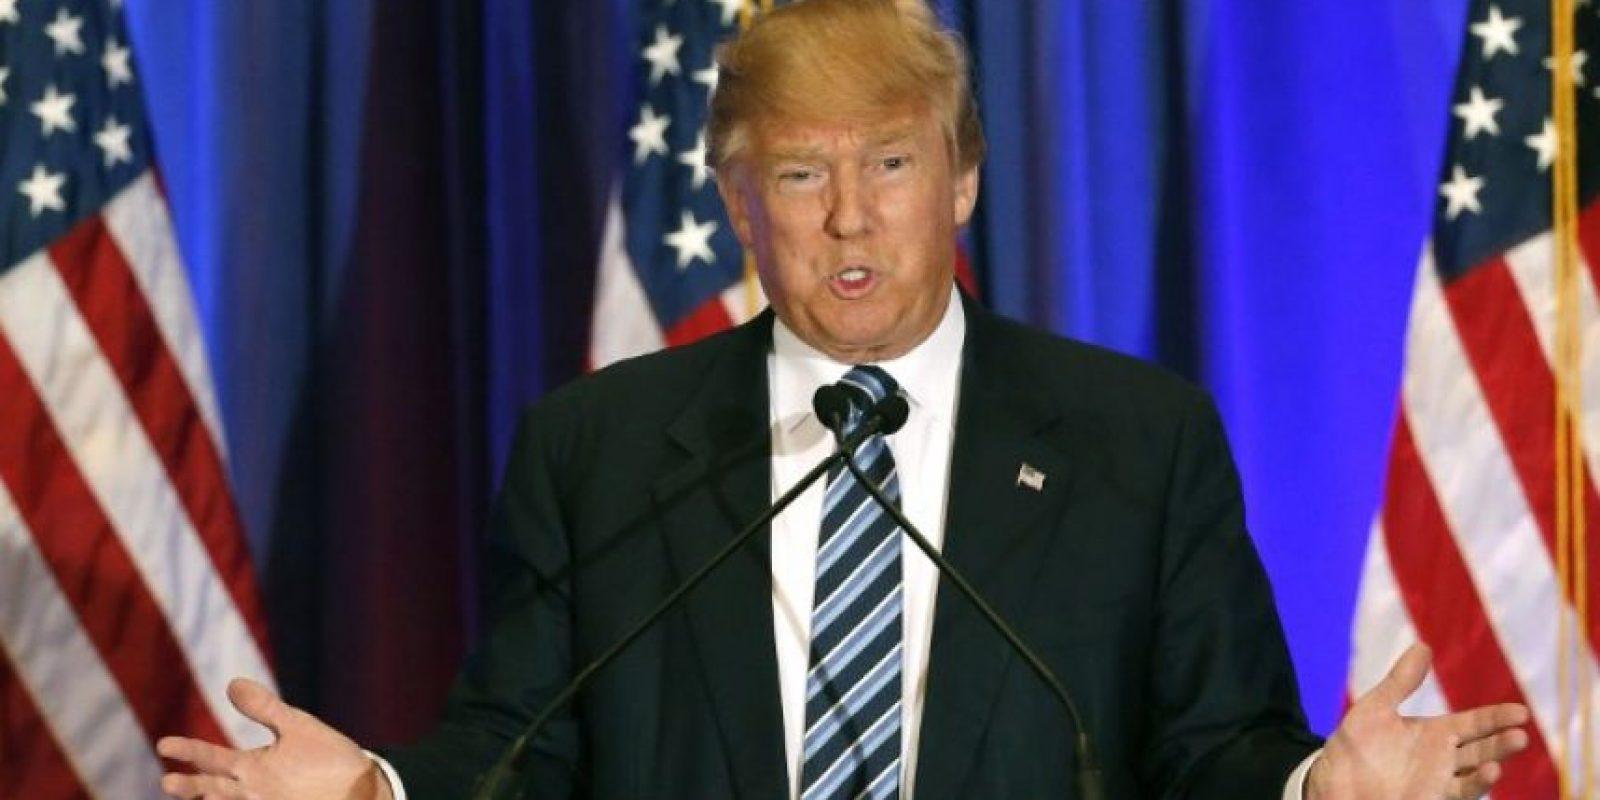 El candidato republicano, Donald Trump, durante, un discurso. Foto:AFP